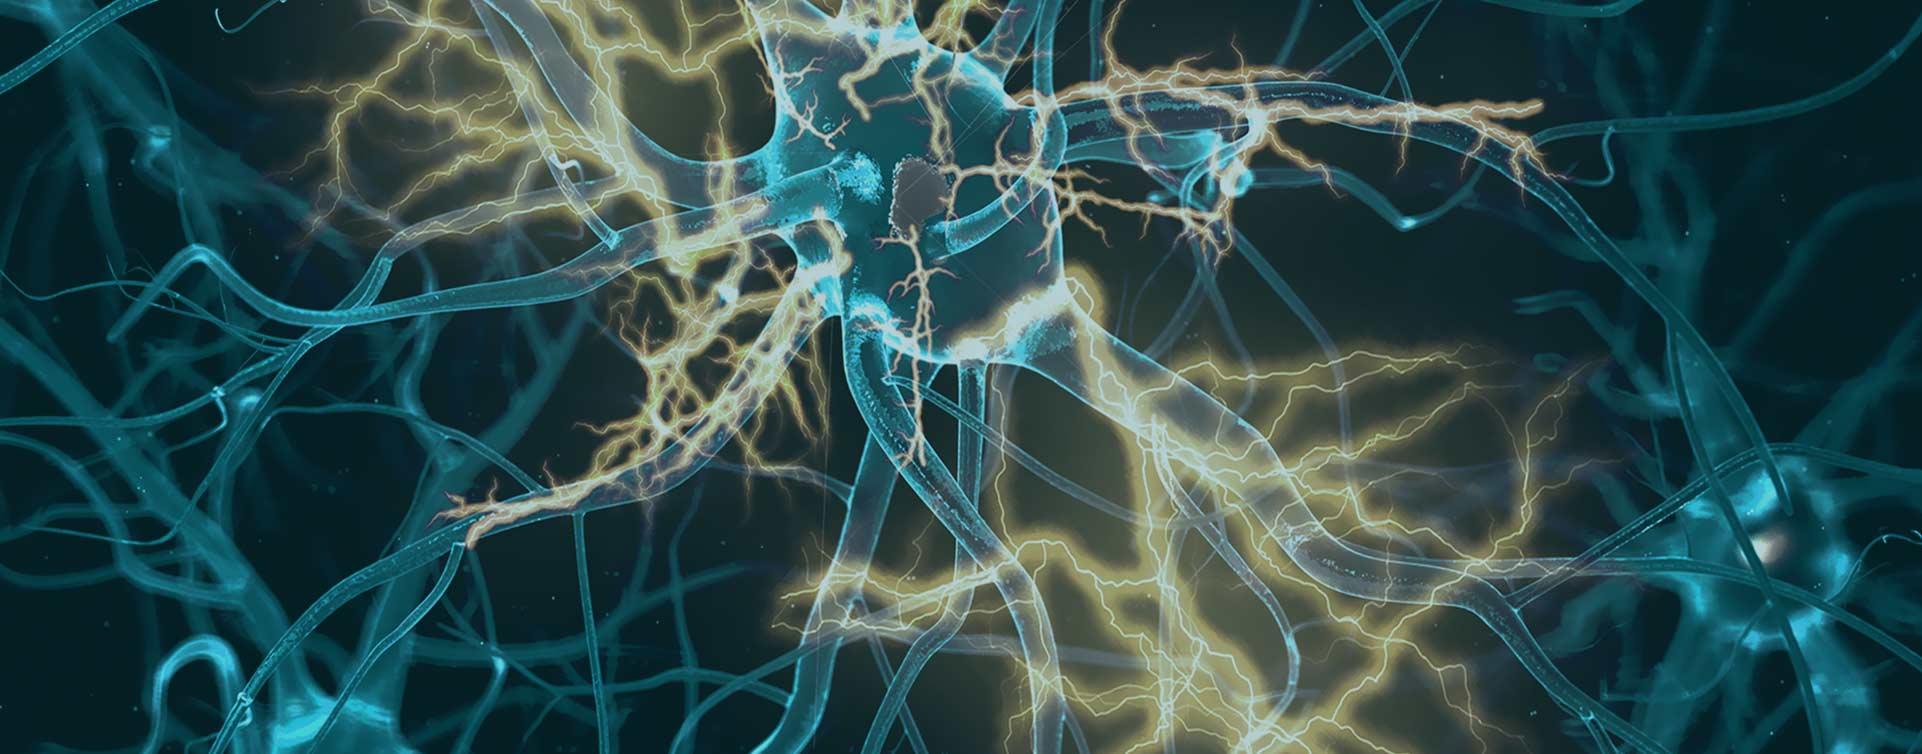 demens-hjarnan-nervecell-nova-omsorg